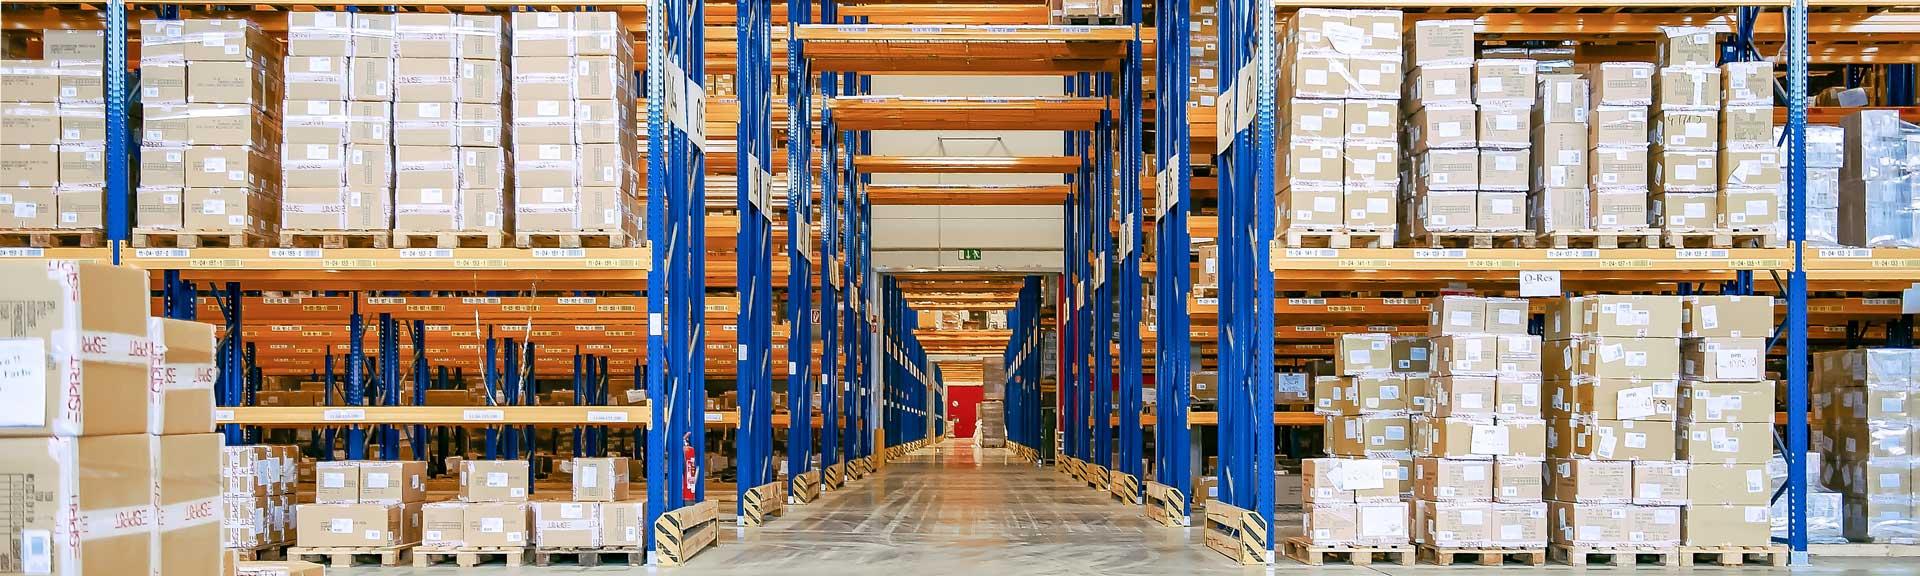 Logistik Hintergrund